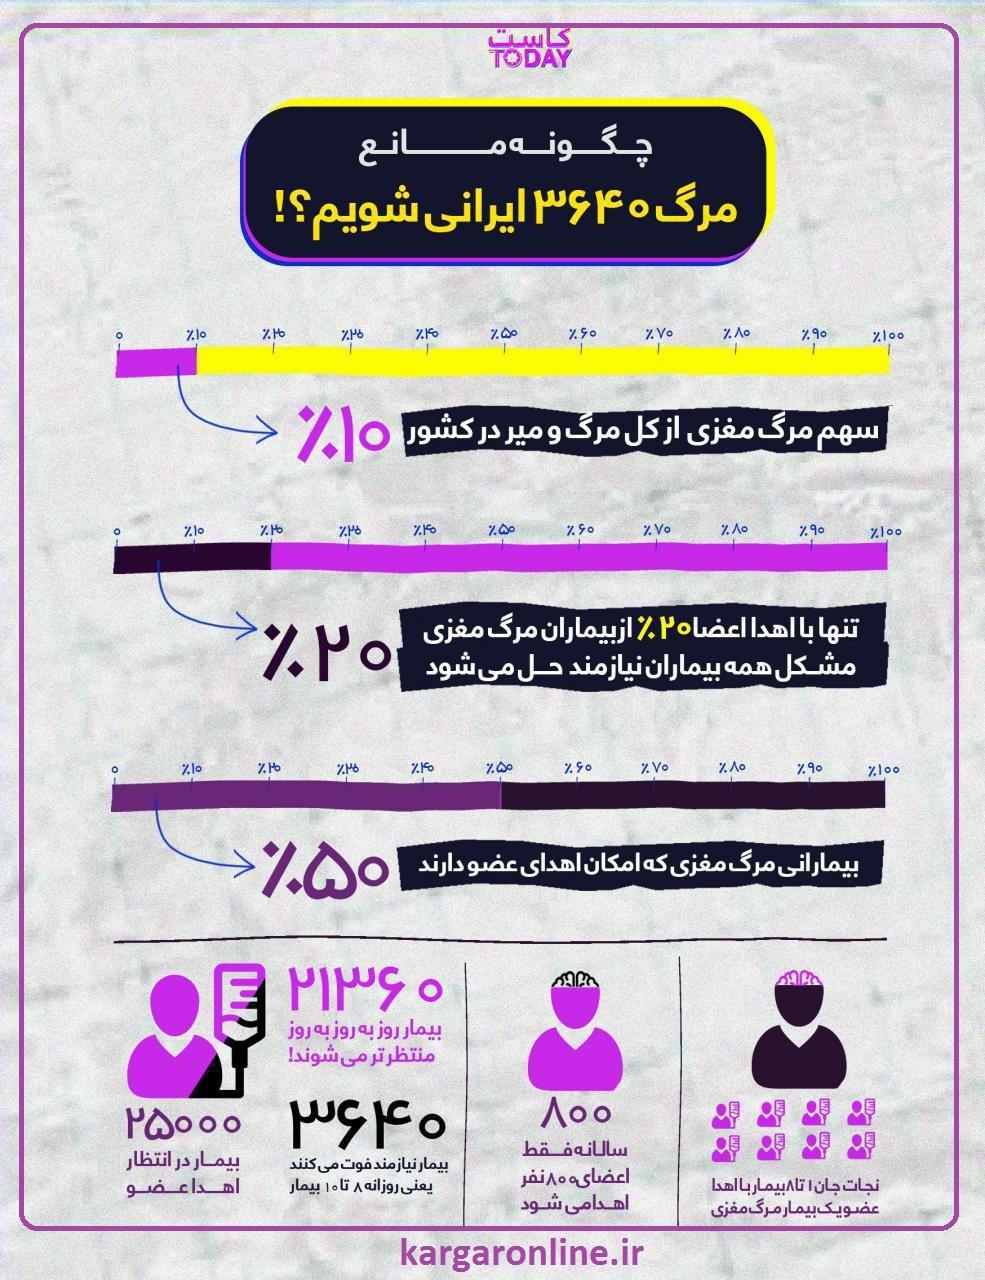 چکونه مانع مرگ 3640 ایرانی در سال شویم+عکس